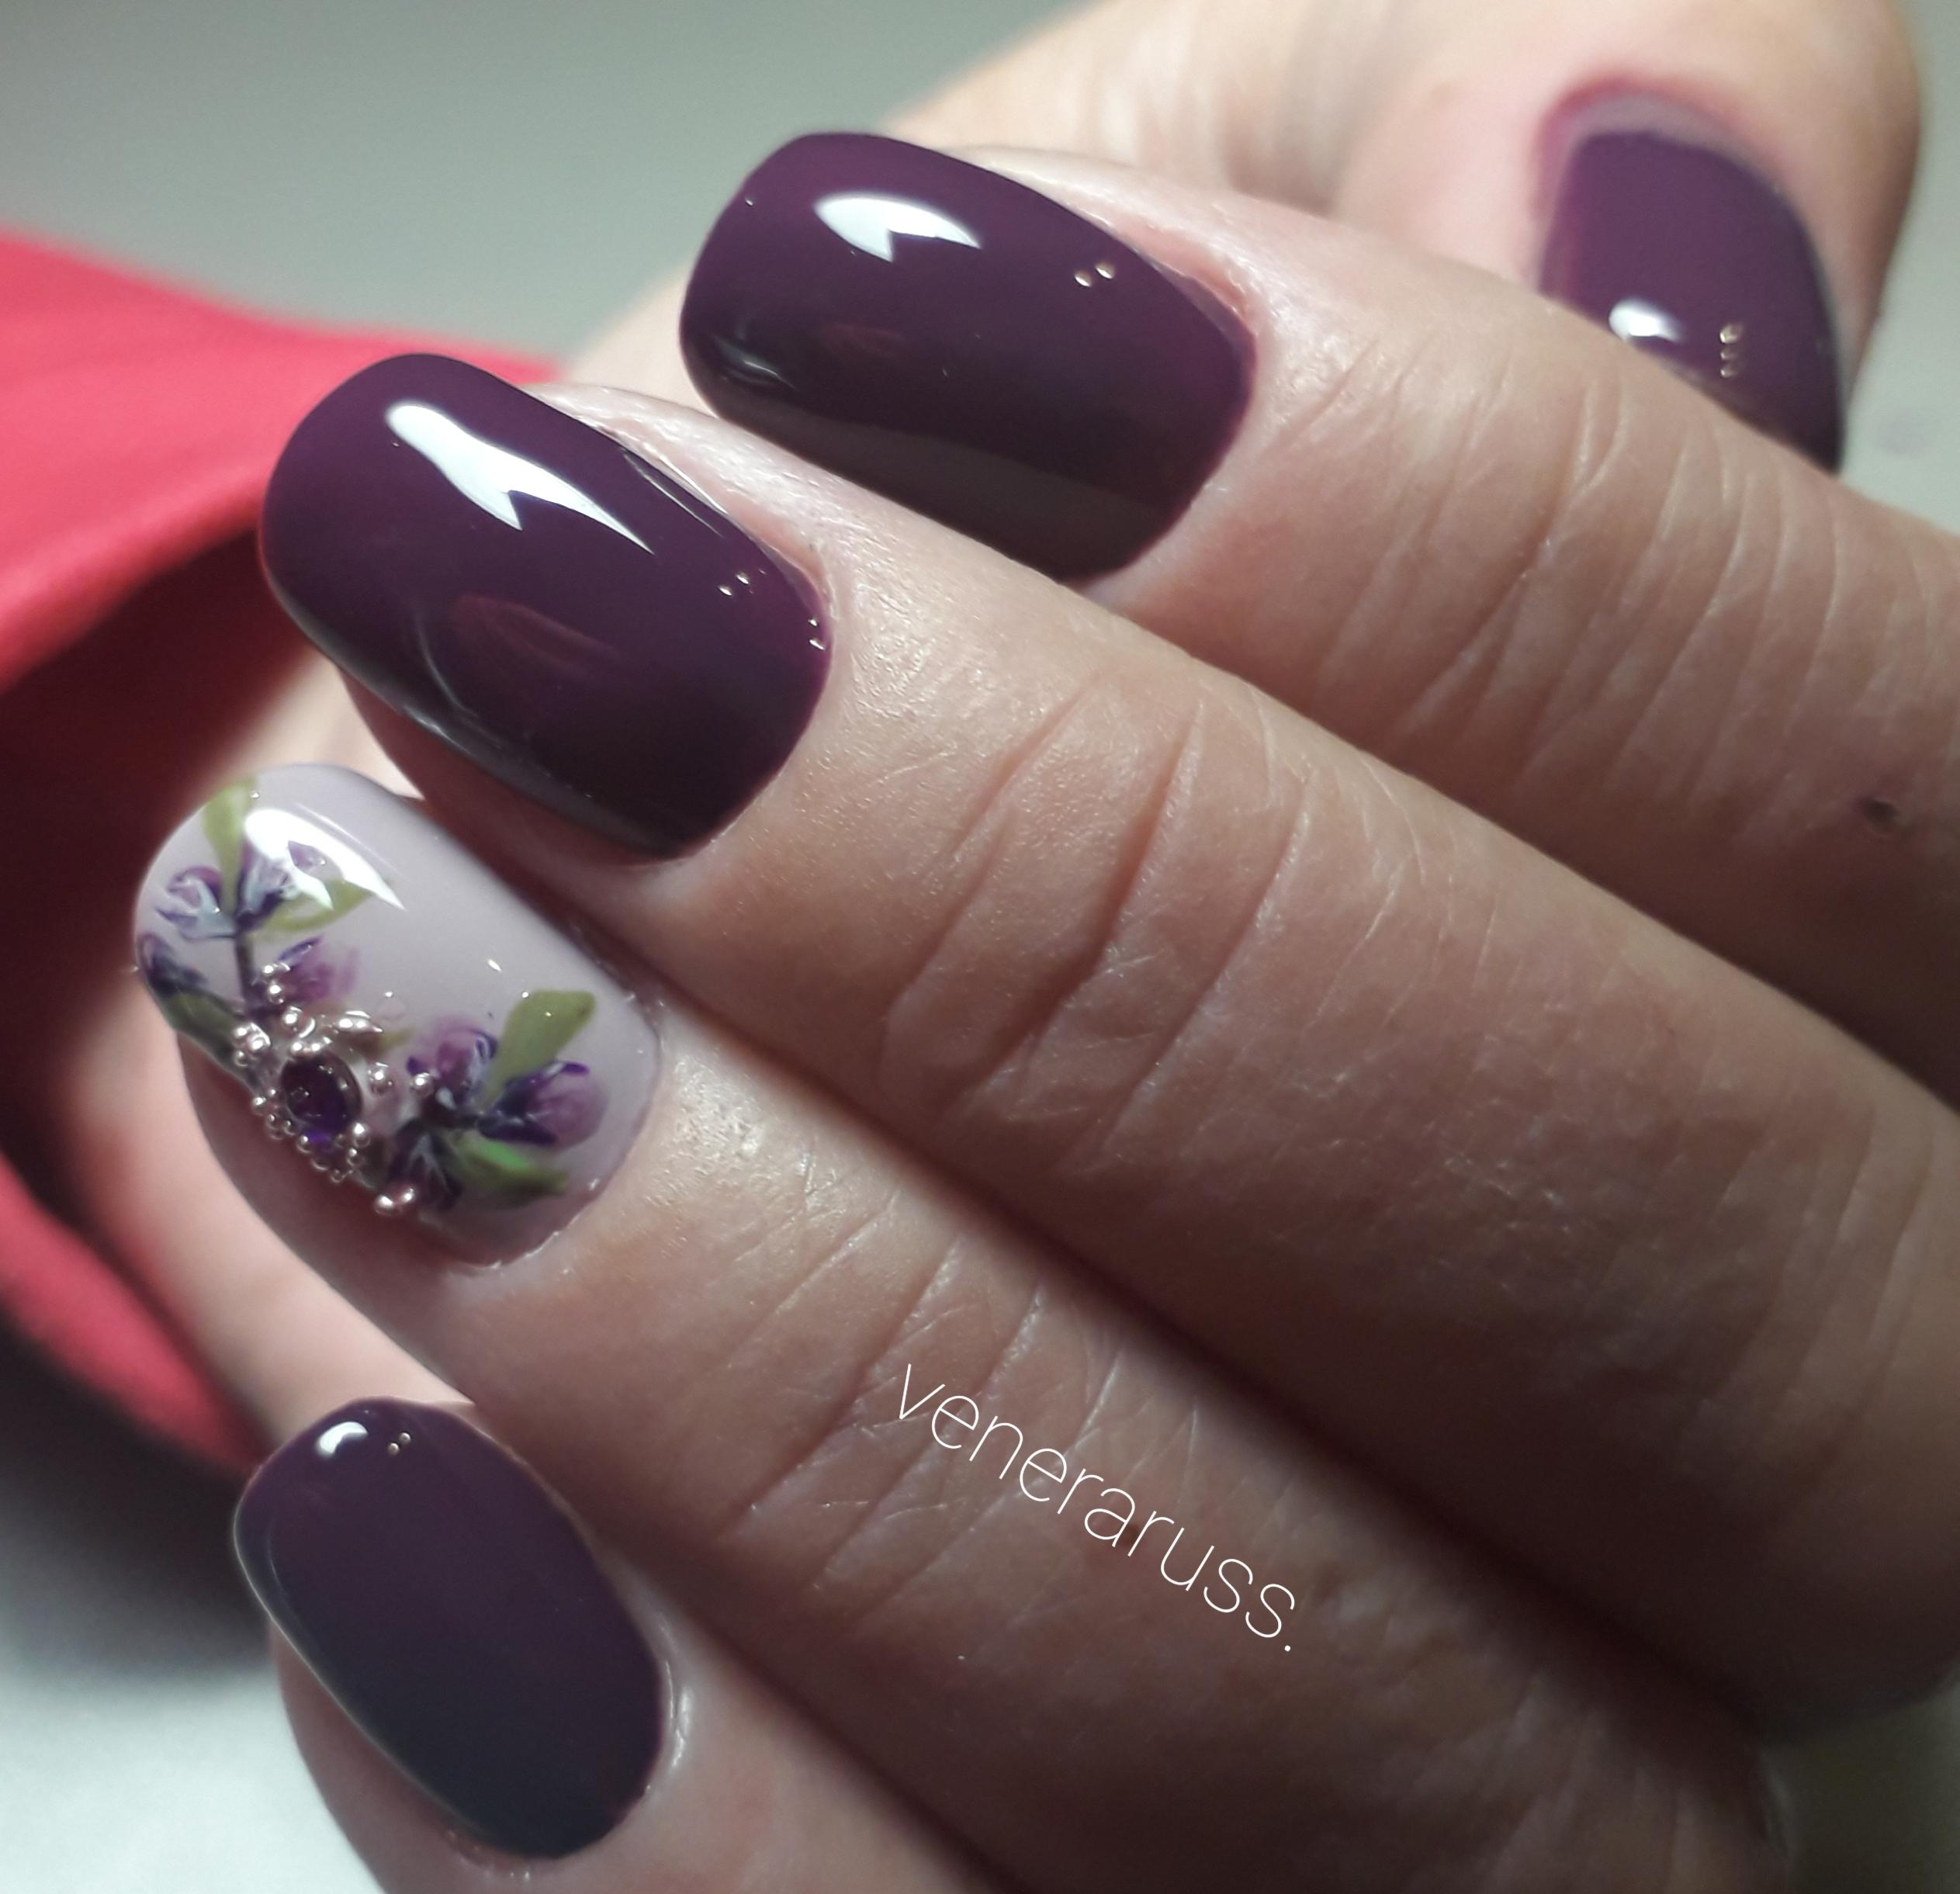 Маникюр с цветочным рисунком и стразами в баклажановом цвете на короткие ногти.